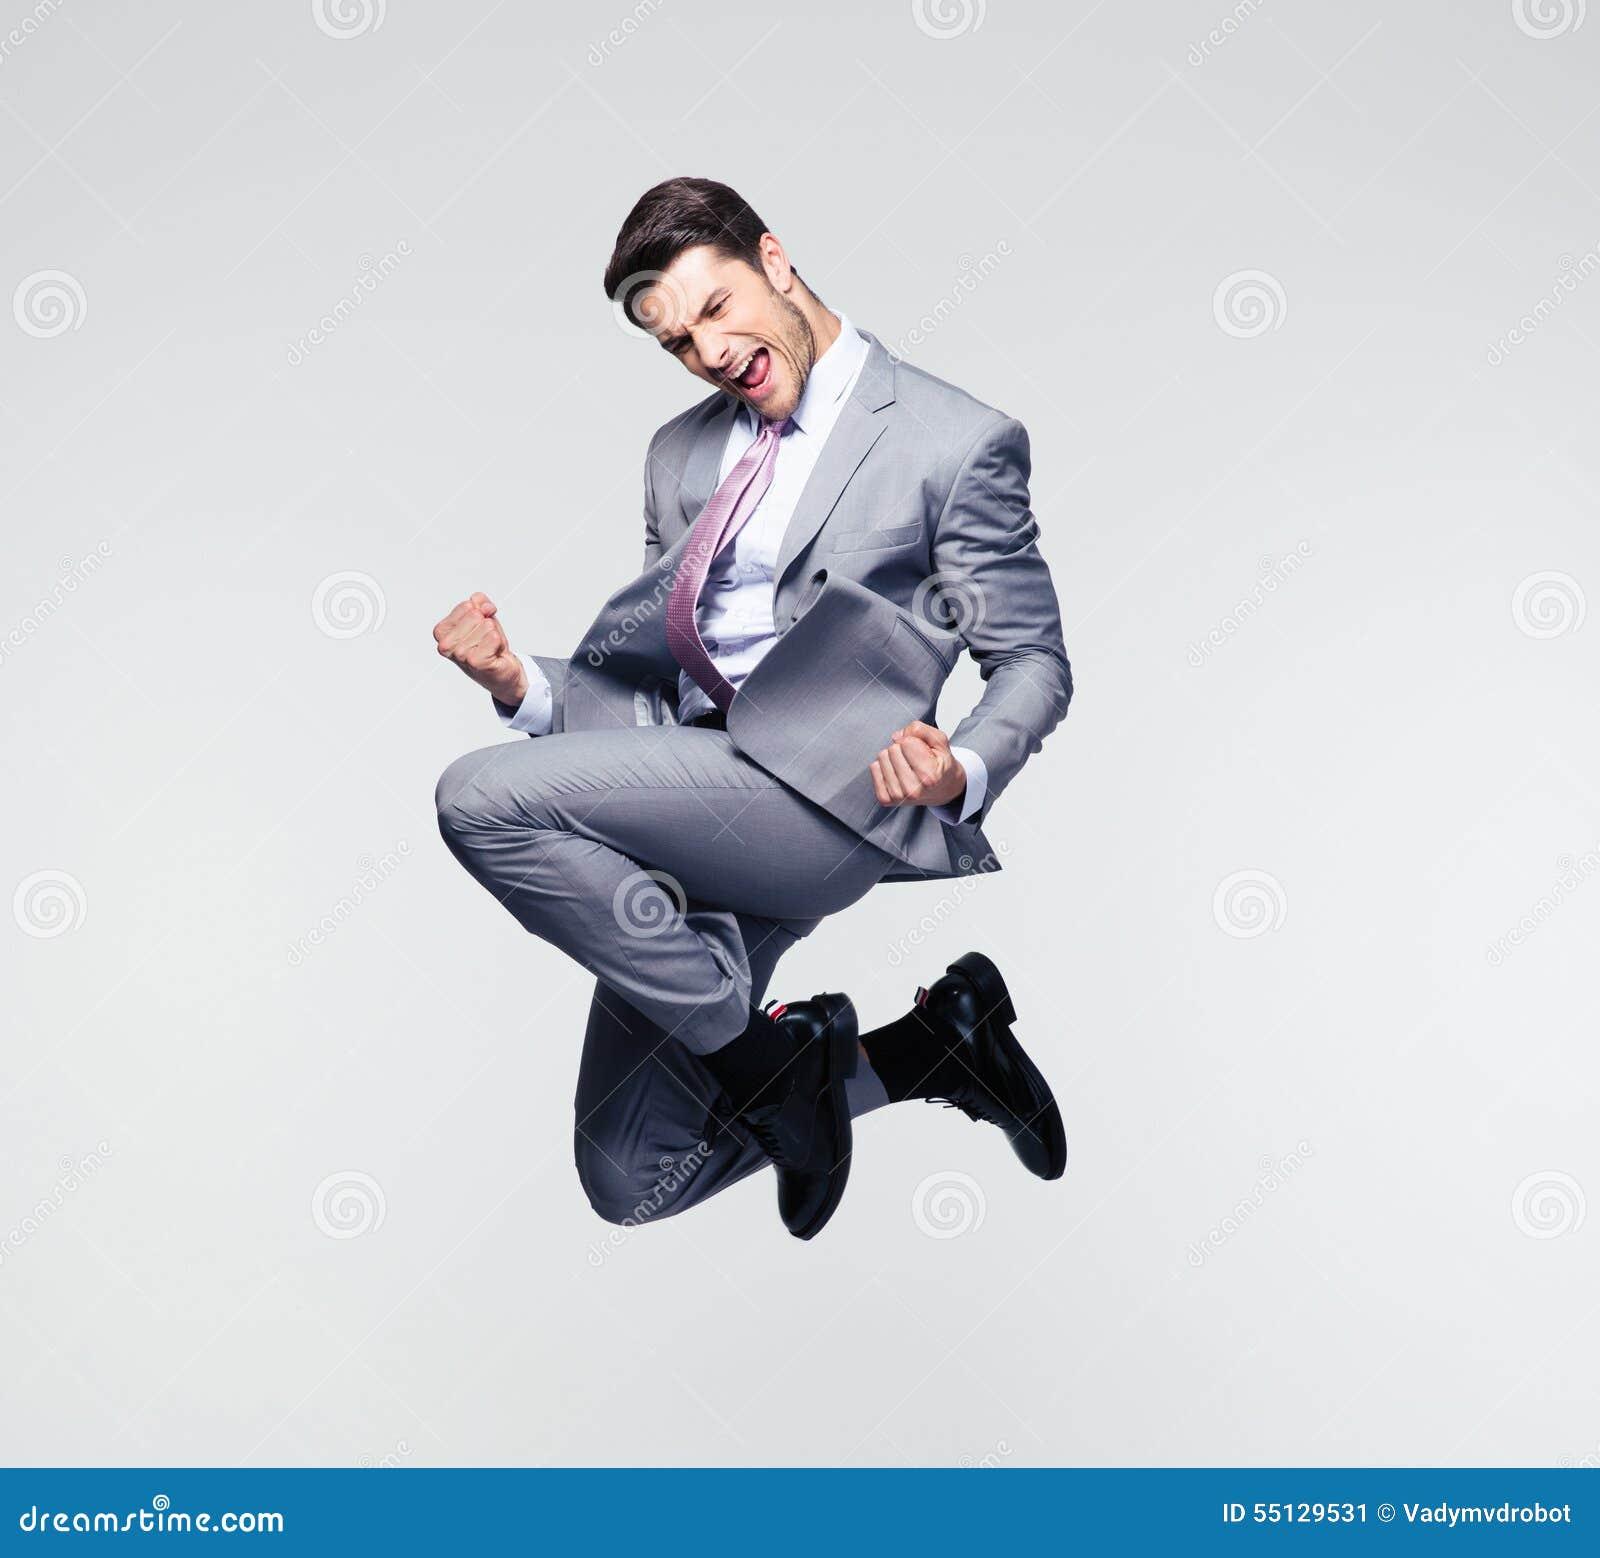 Смешной бизнесмен скача в воздух